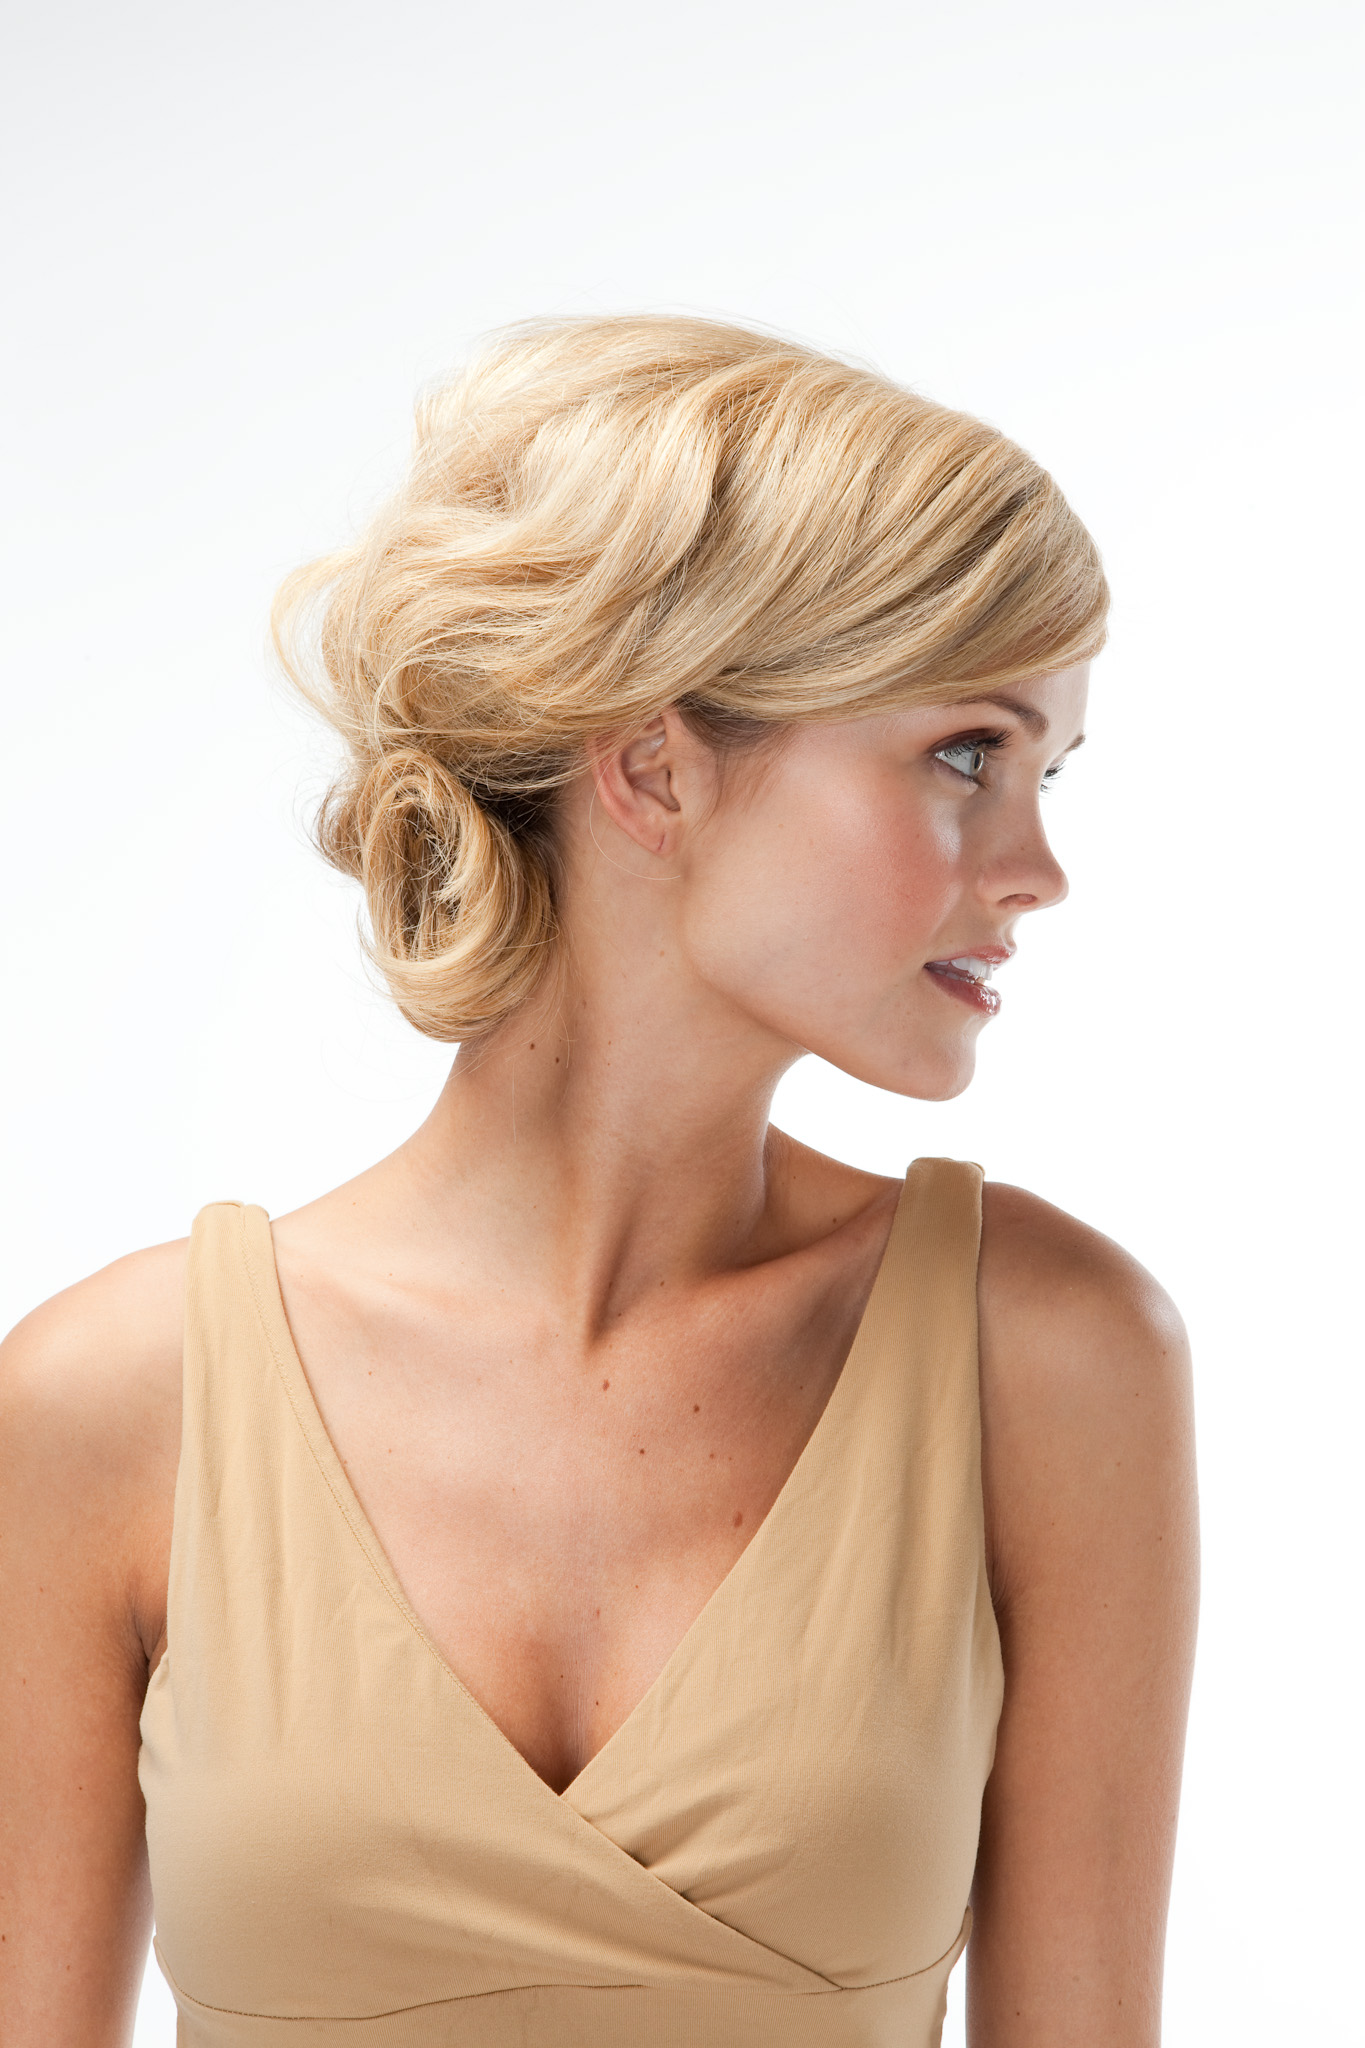 1-й Шаг: Для пучка на длинные волосы расчешите локоны и опустите голову вниз.  Прическа пучок на средние волосы с.